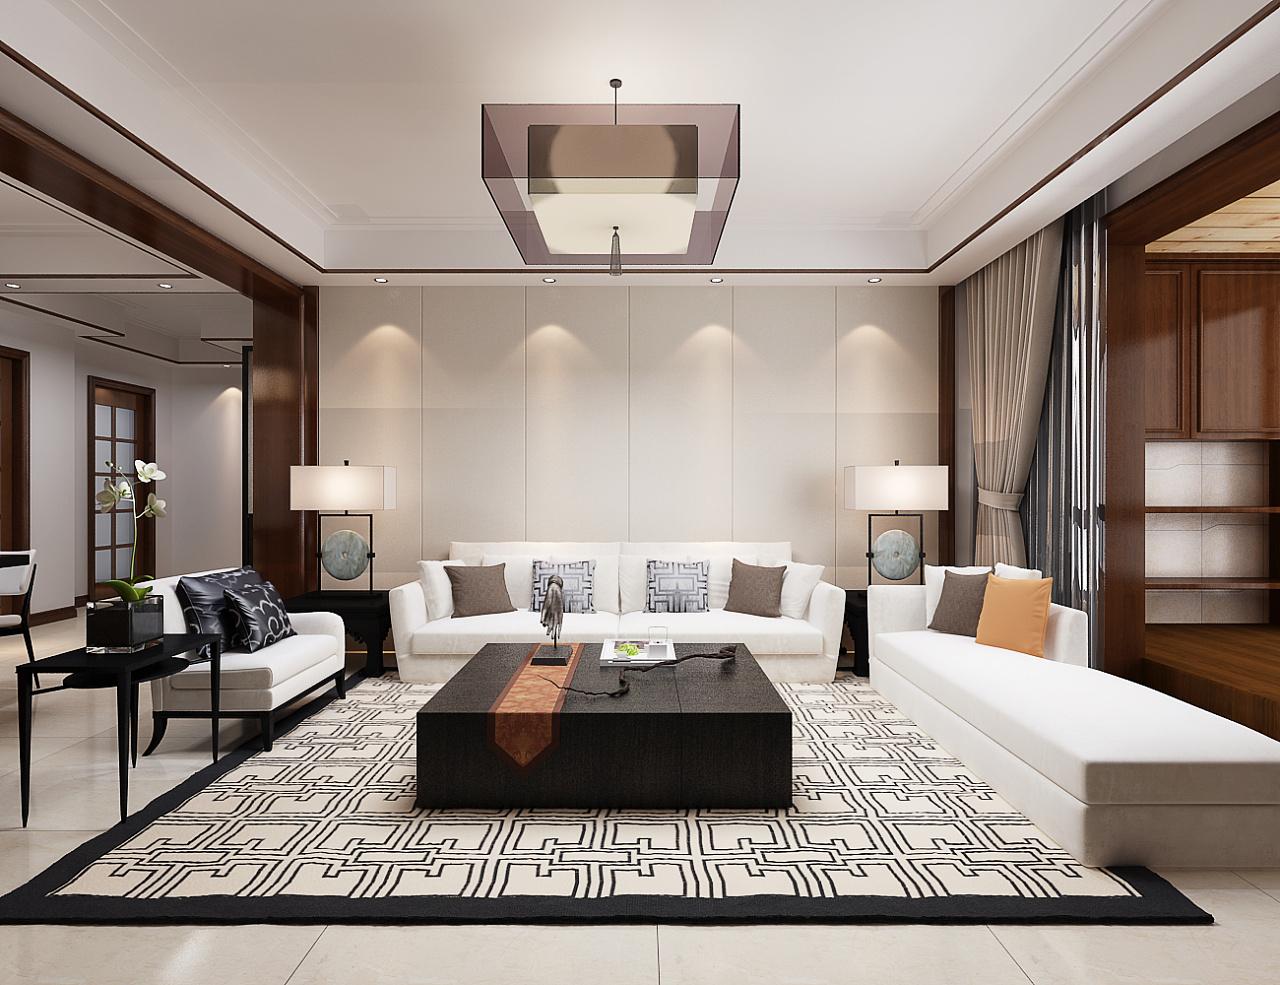 中式室内 空间 室内设计 鲆常 - 原创作品 - 站酷